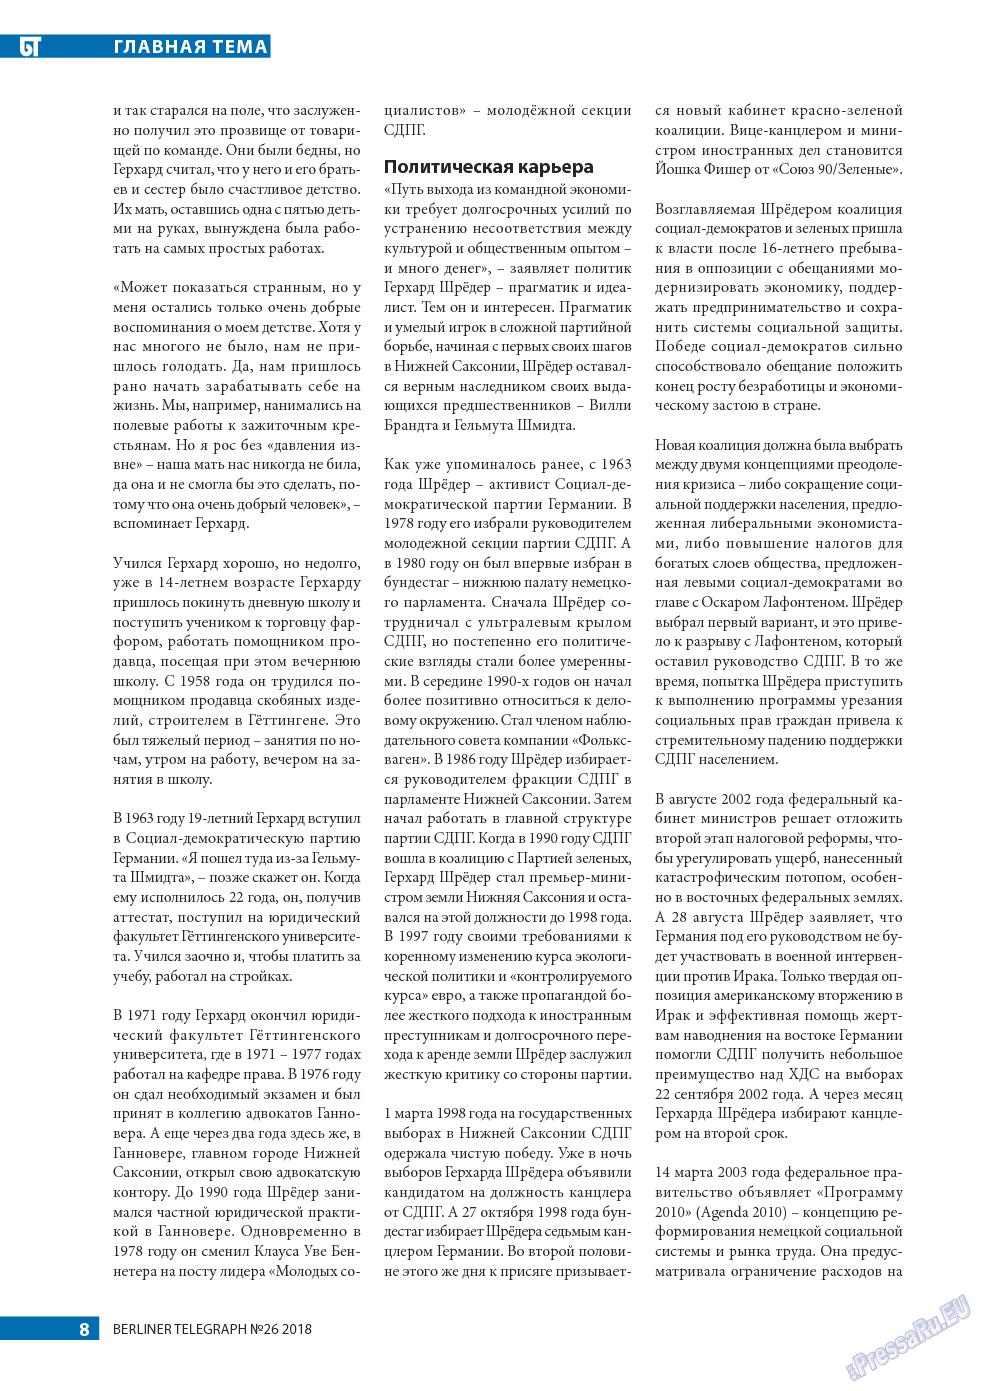 Берлинский телеграф (журнал). 2018 год, номер 26, стр. 8